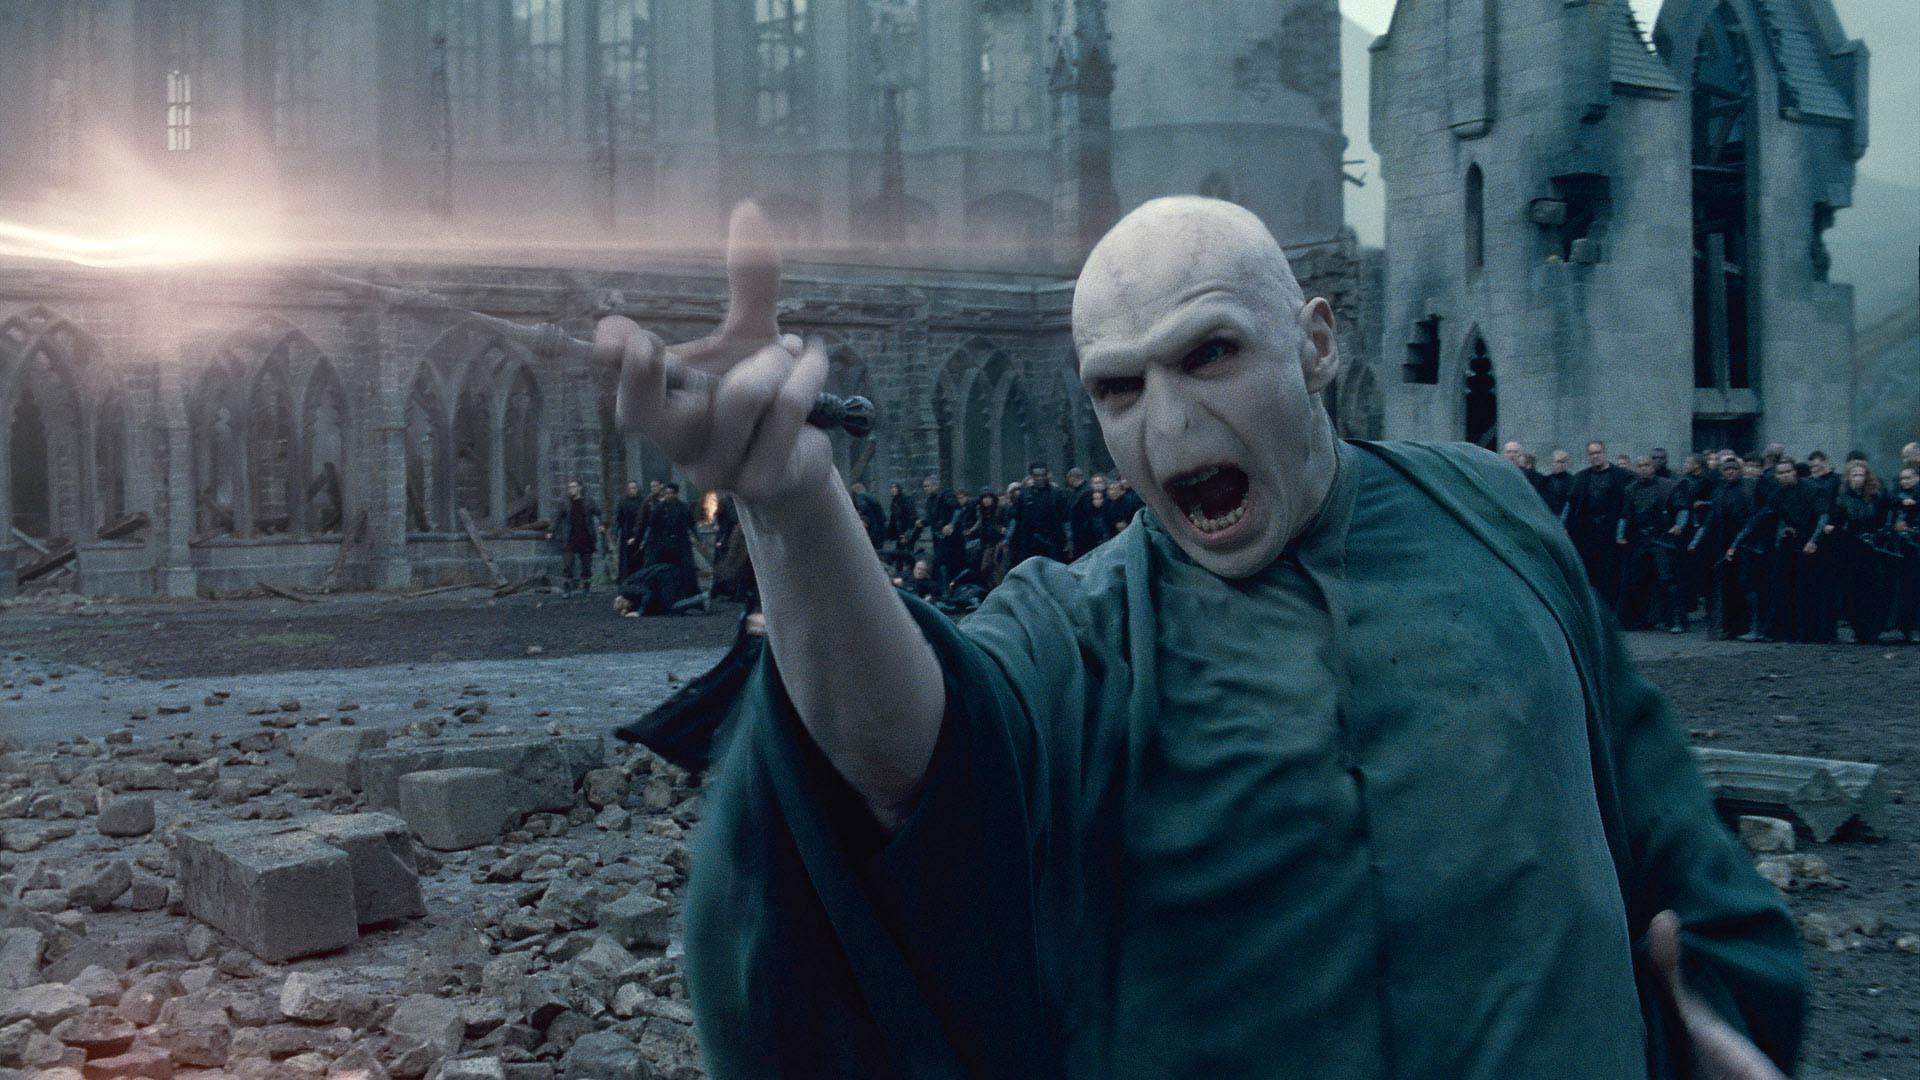 Smoking Series: Harry Potter és a Halál ereklyéi 2. rész / Harry Potter and the Deathly Hallows: Part 2 (2011)